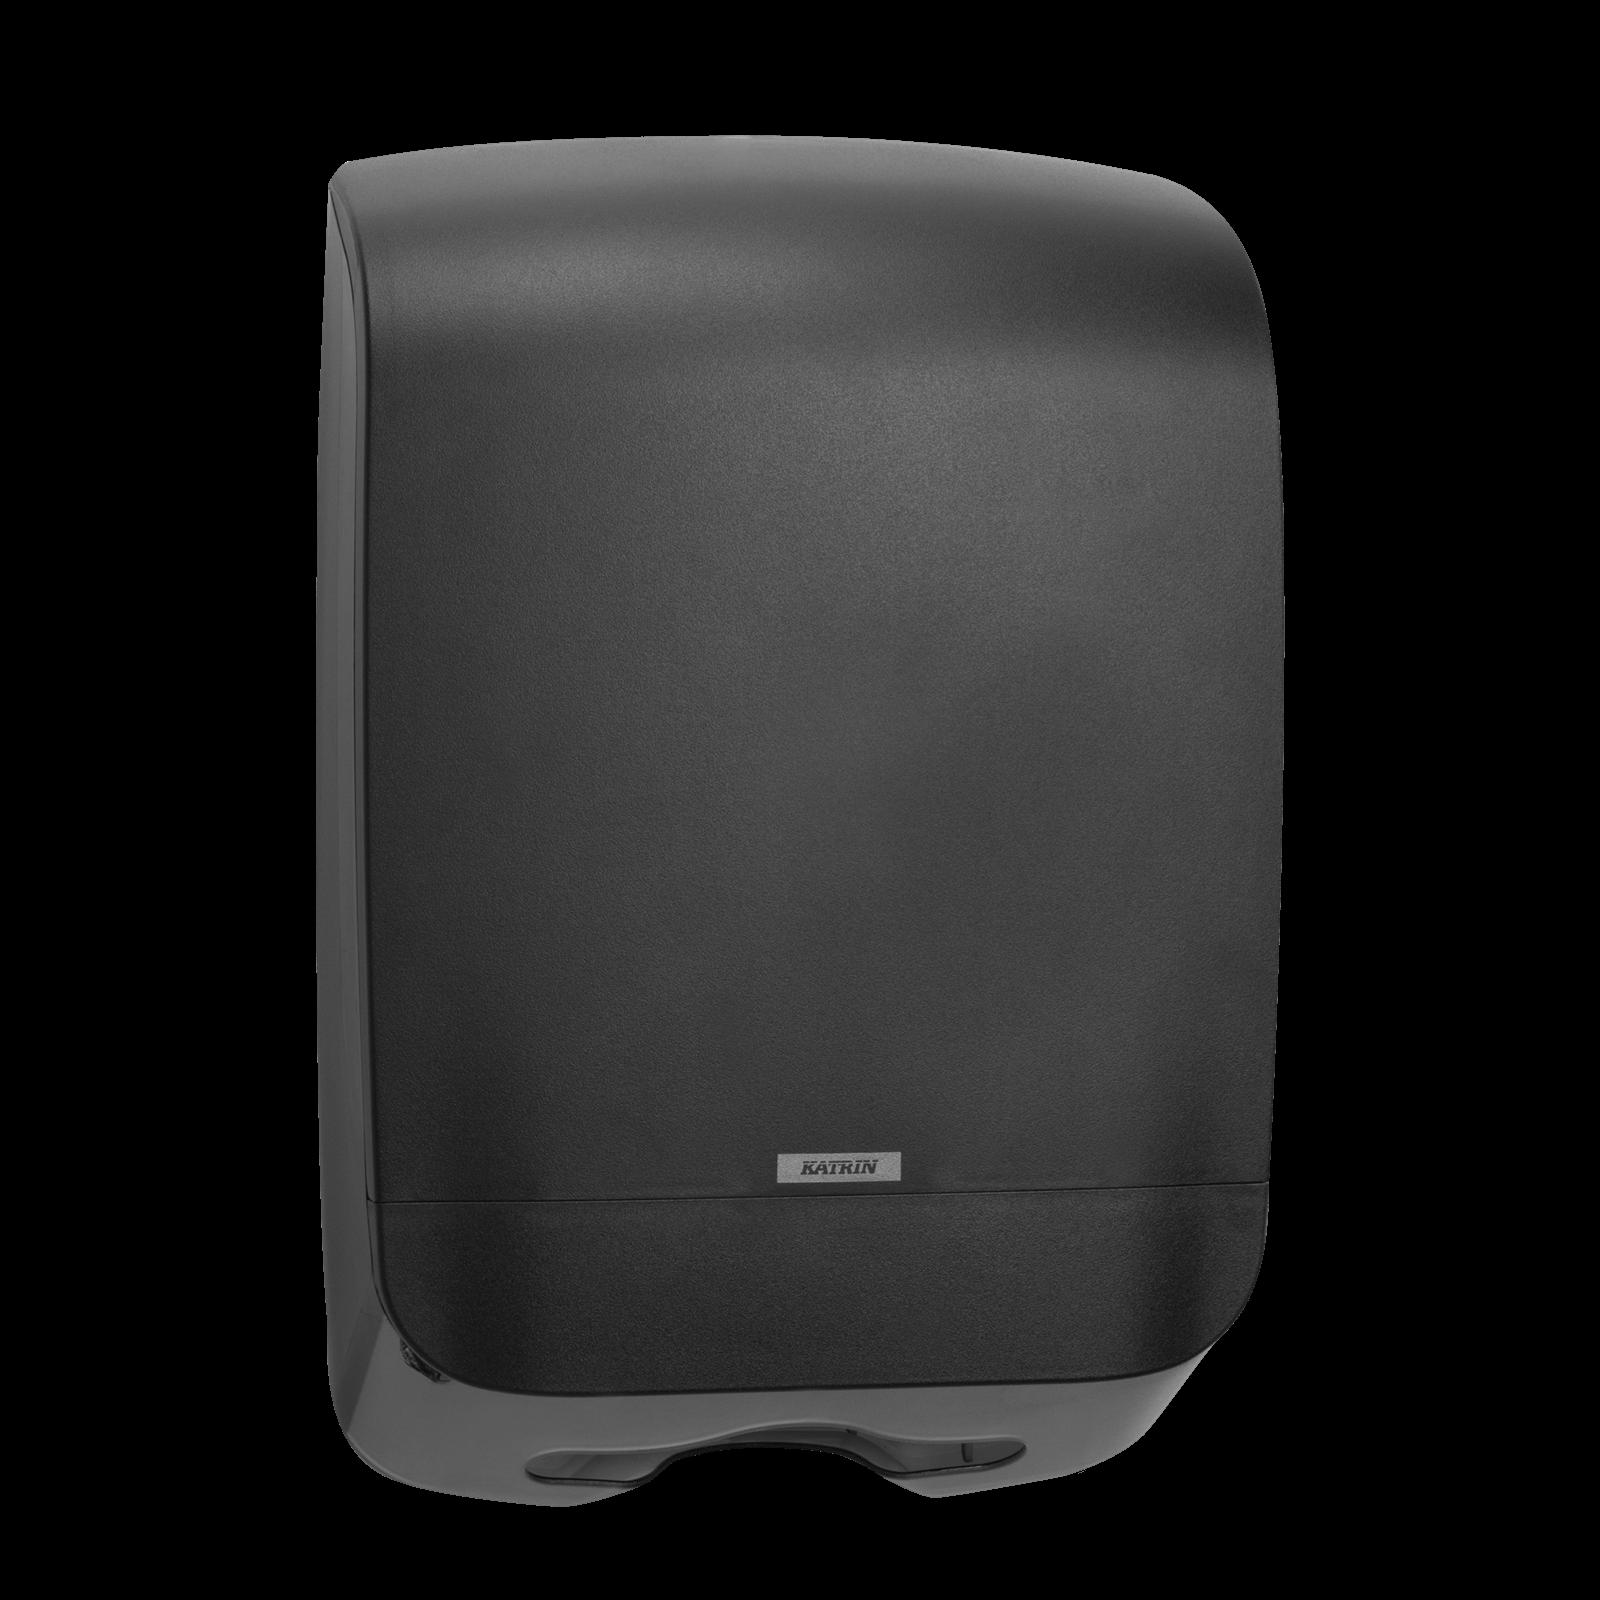 Katrin 92063 Hand Towel M Dispenser til papirhåndklæder - Sort plast